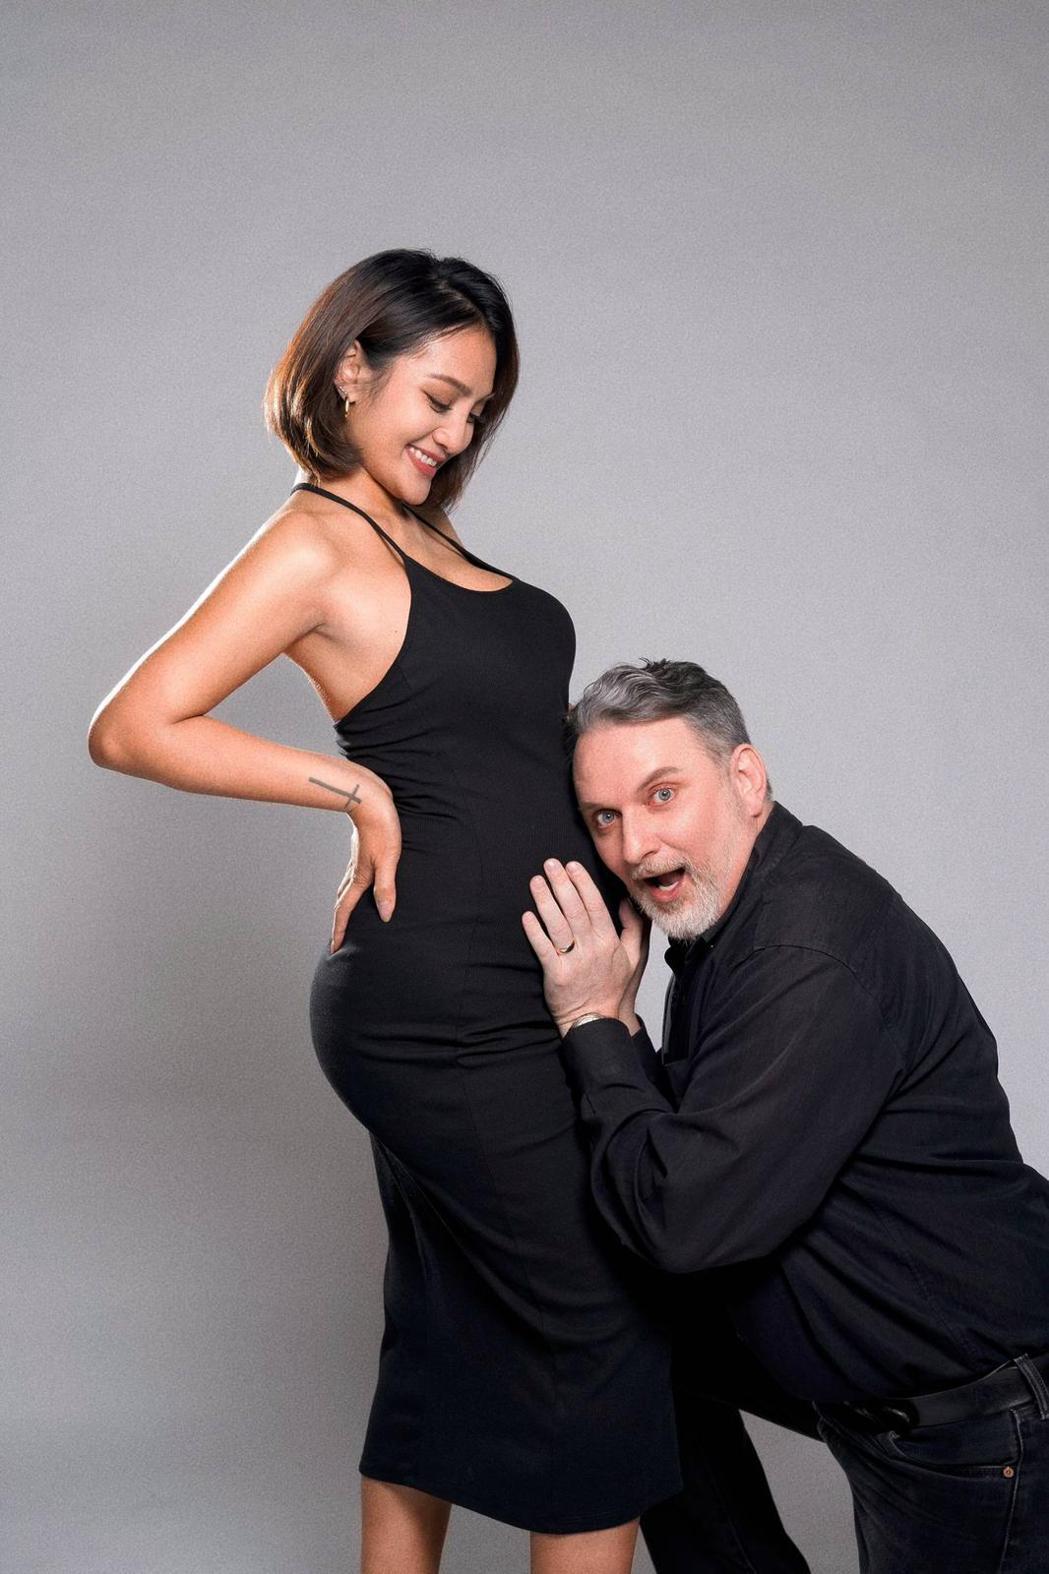 葉瑋庭(左)和老公Russell很期待女兒出生。圖/沐比專業攝影提供